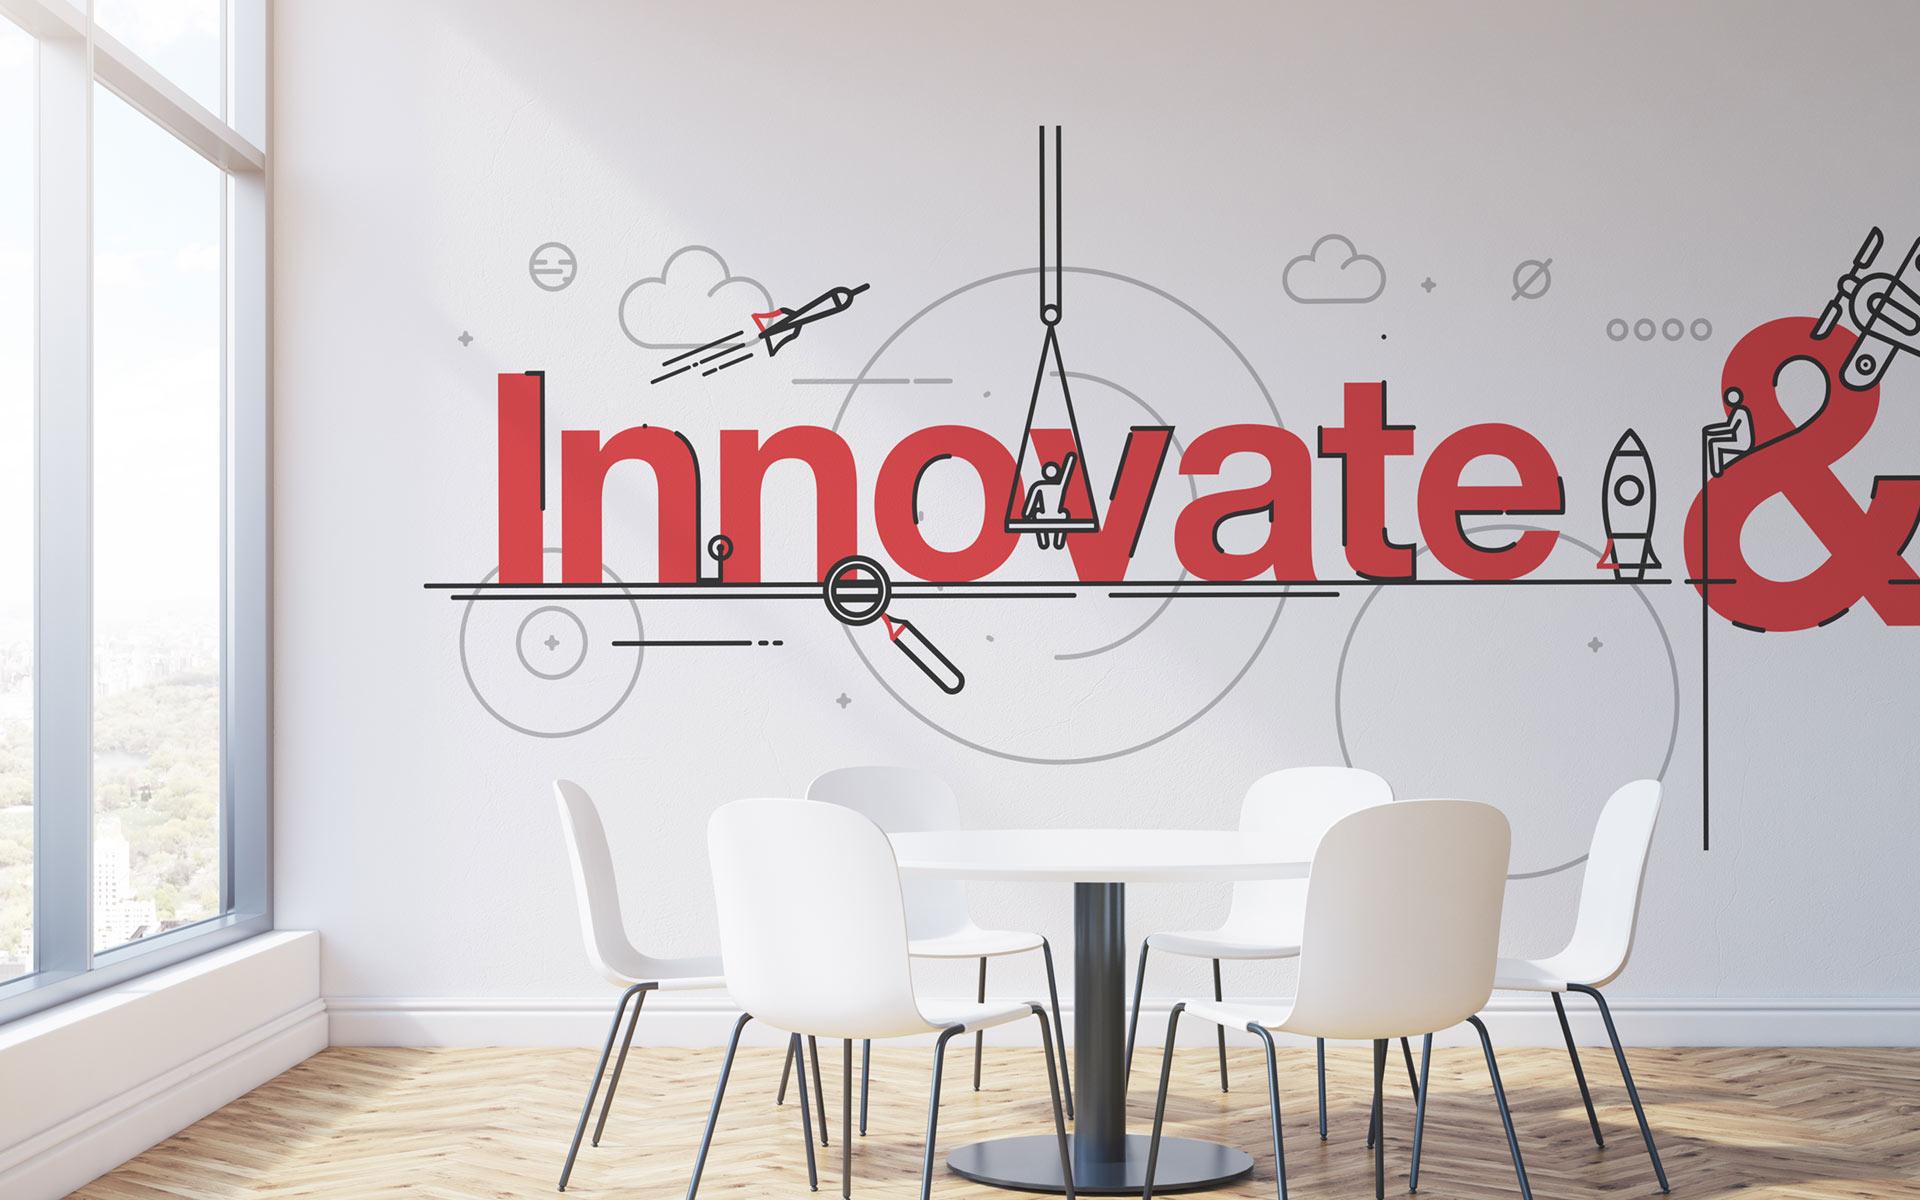 Seven-Innovate